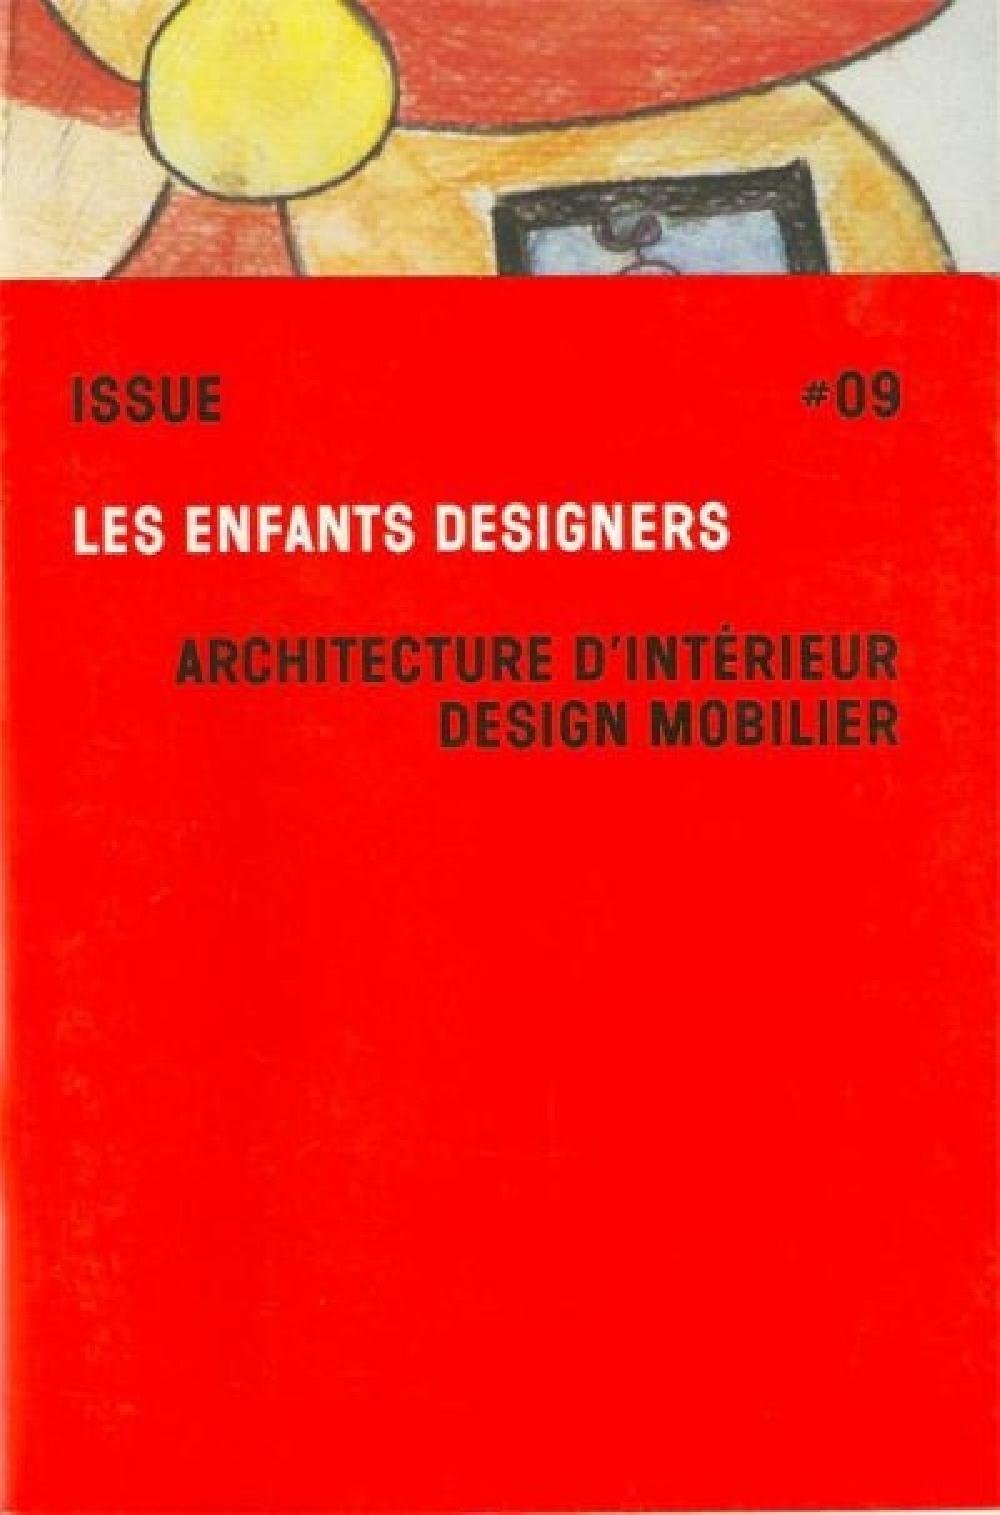 Issue 09 Les enfants designers